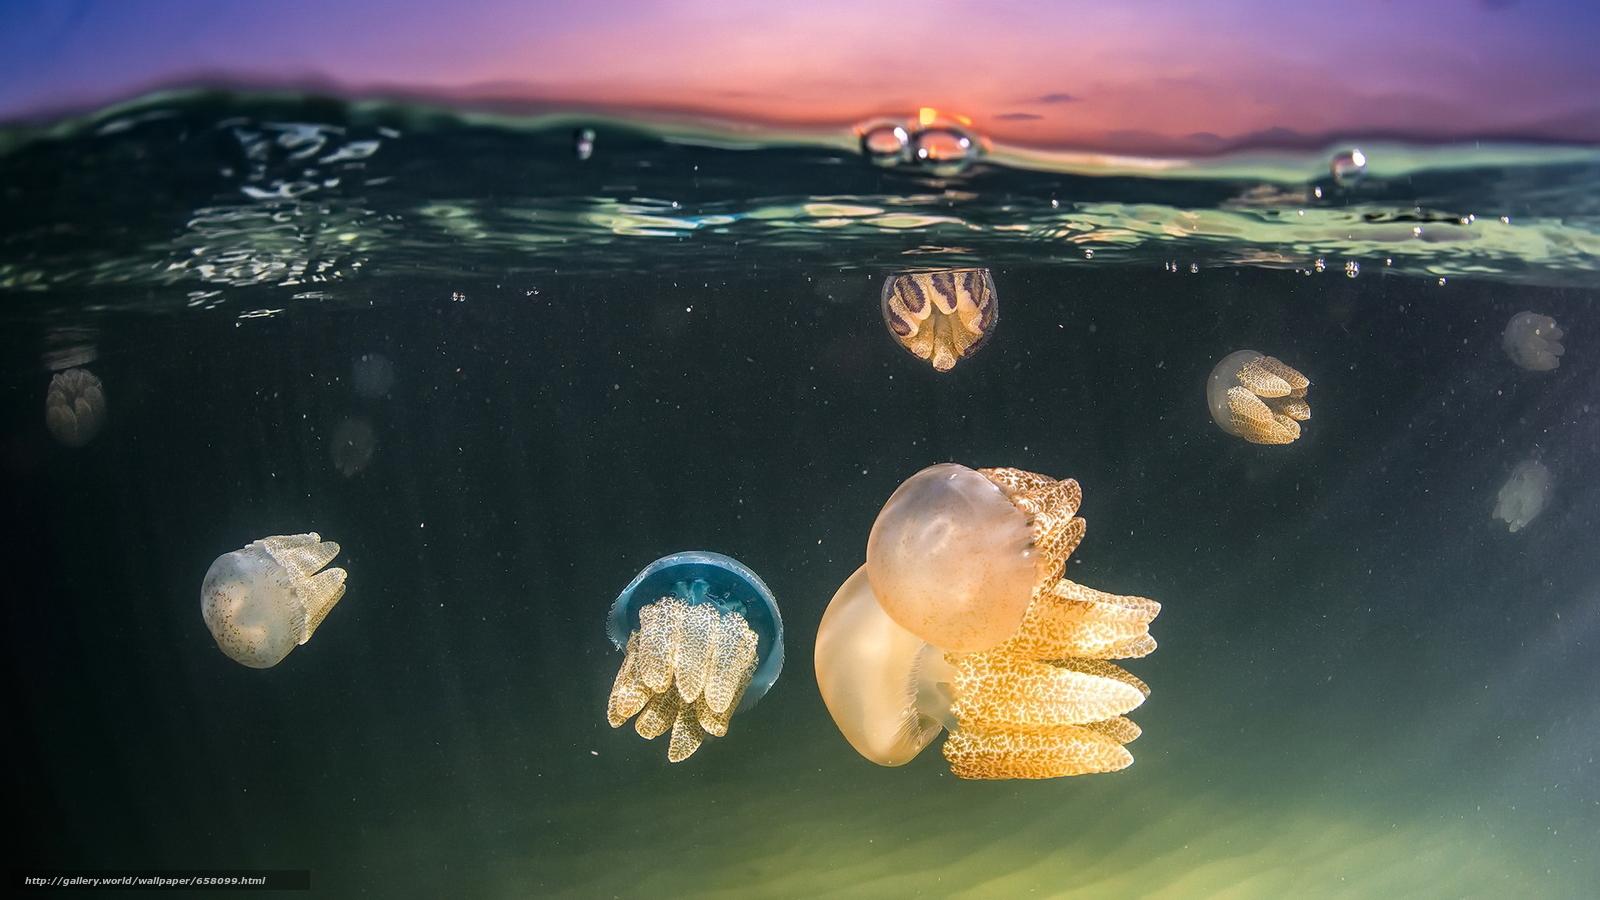 下载壁纸 海蜇,  海蜇,  海底世界,  水 免费为您的桌面分辨率的壁纸 1920x1080 — 图片 №658099